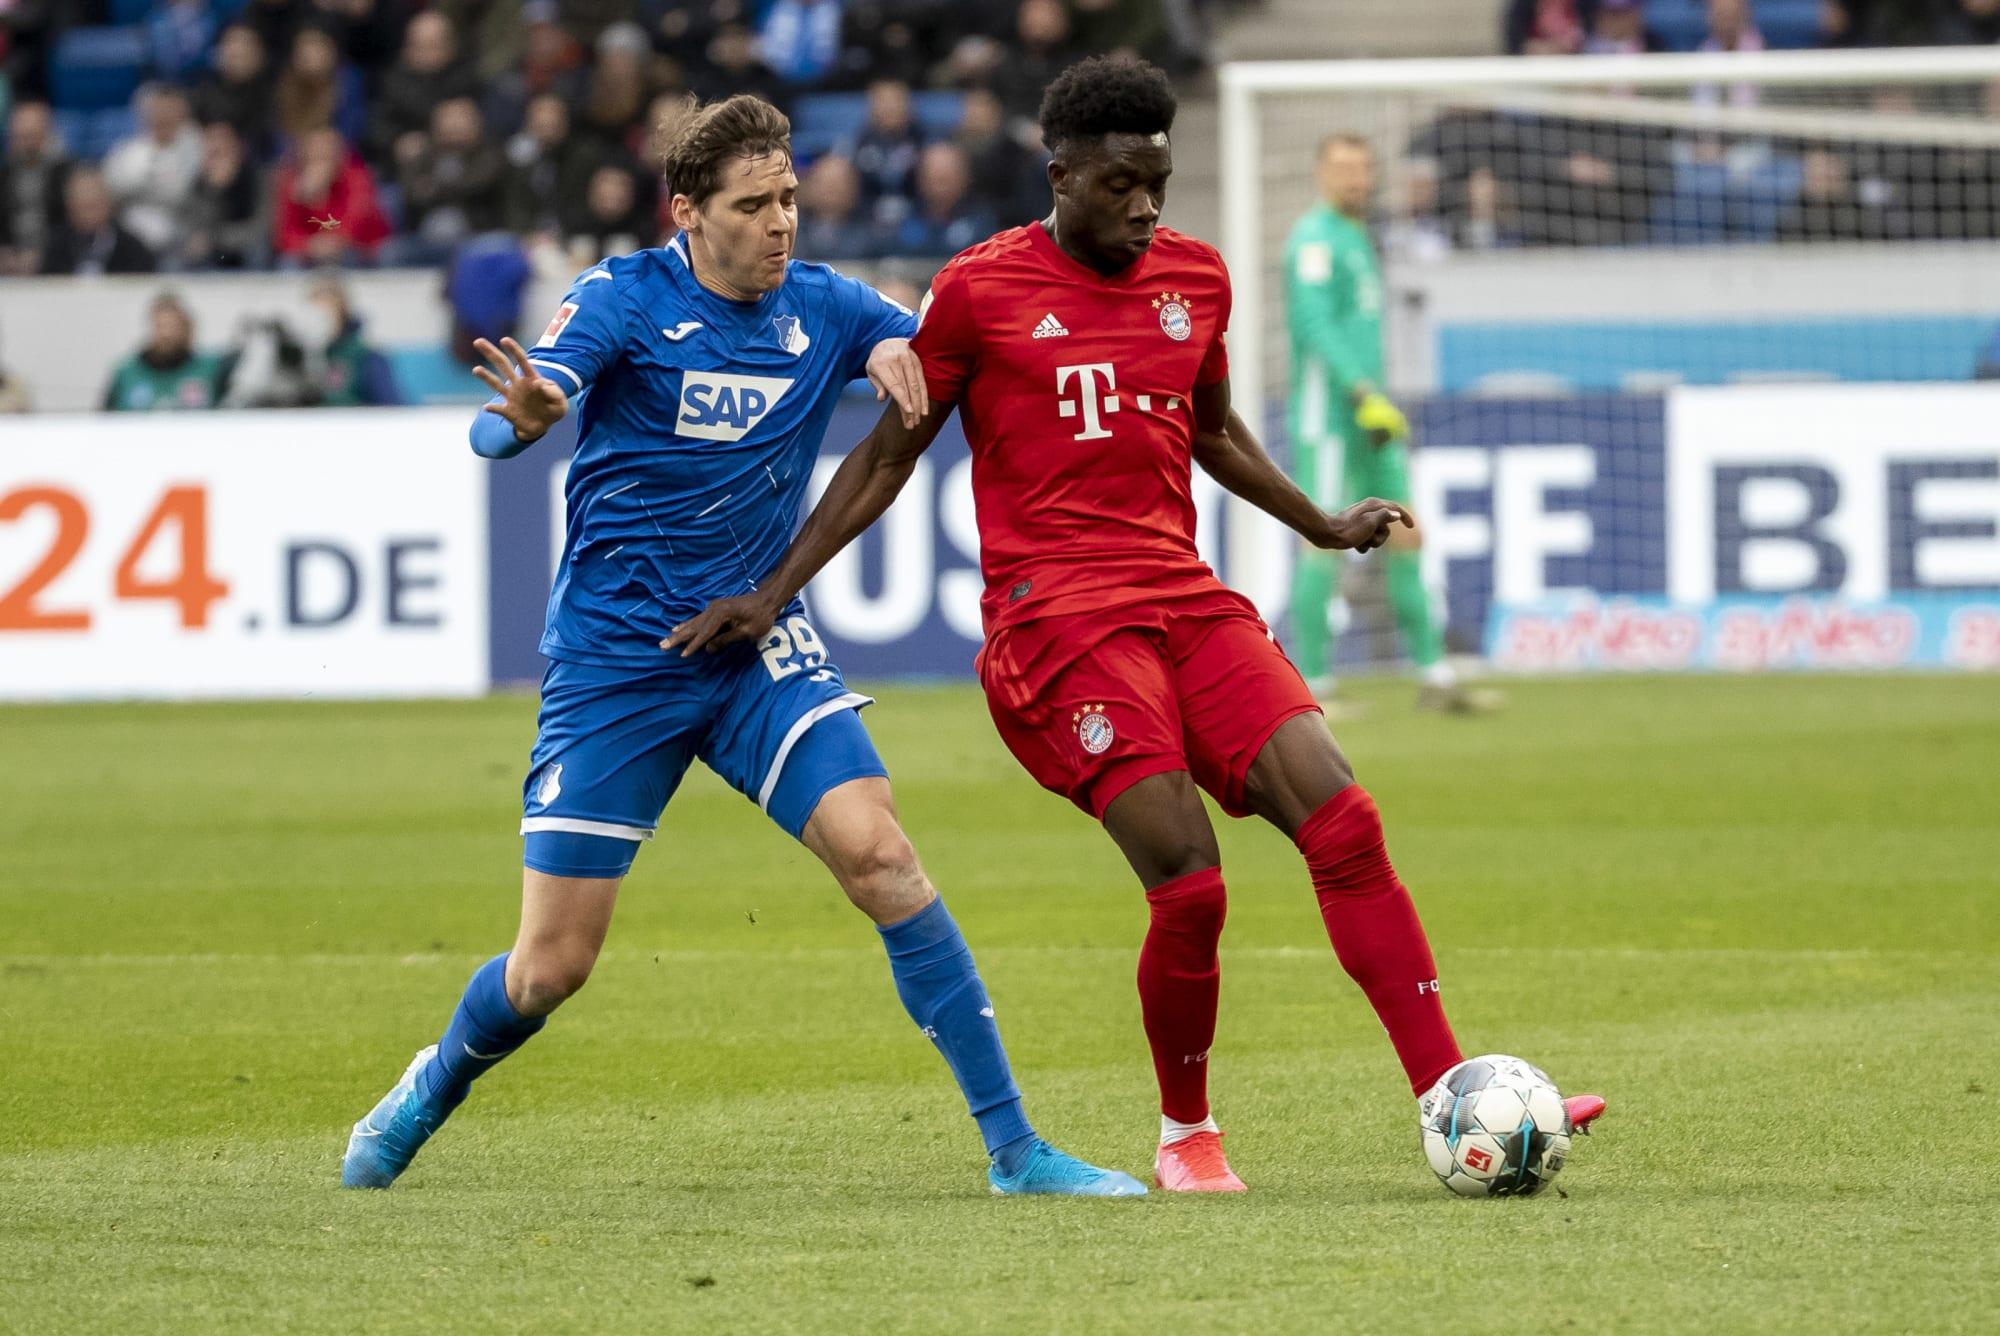 Match Preview: Bayern Munich face a strong Hoffenheim side